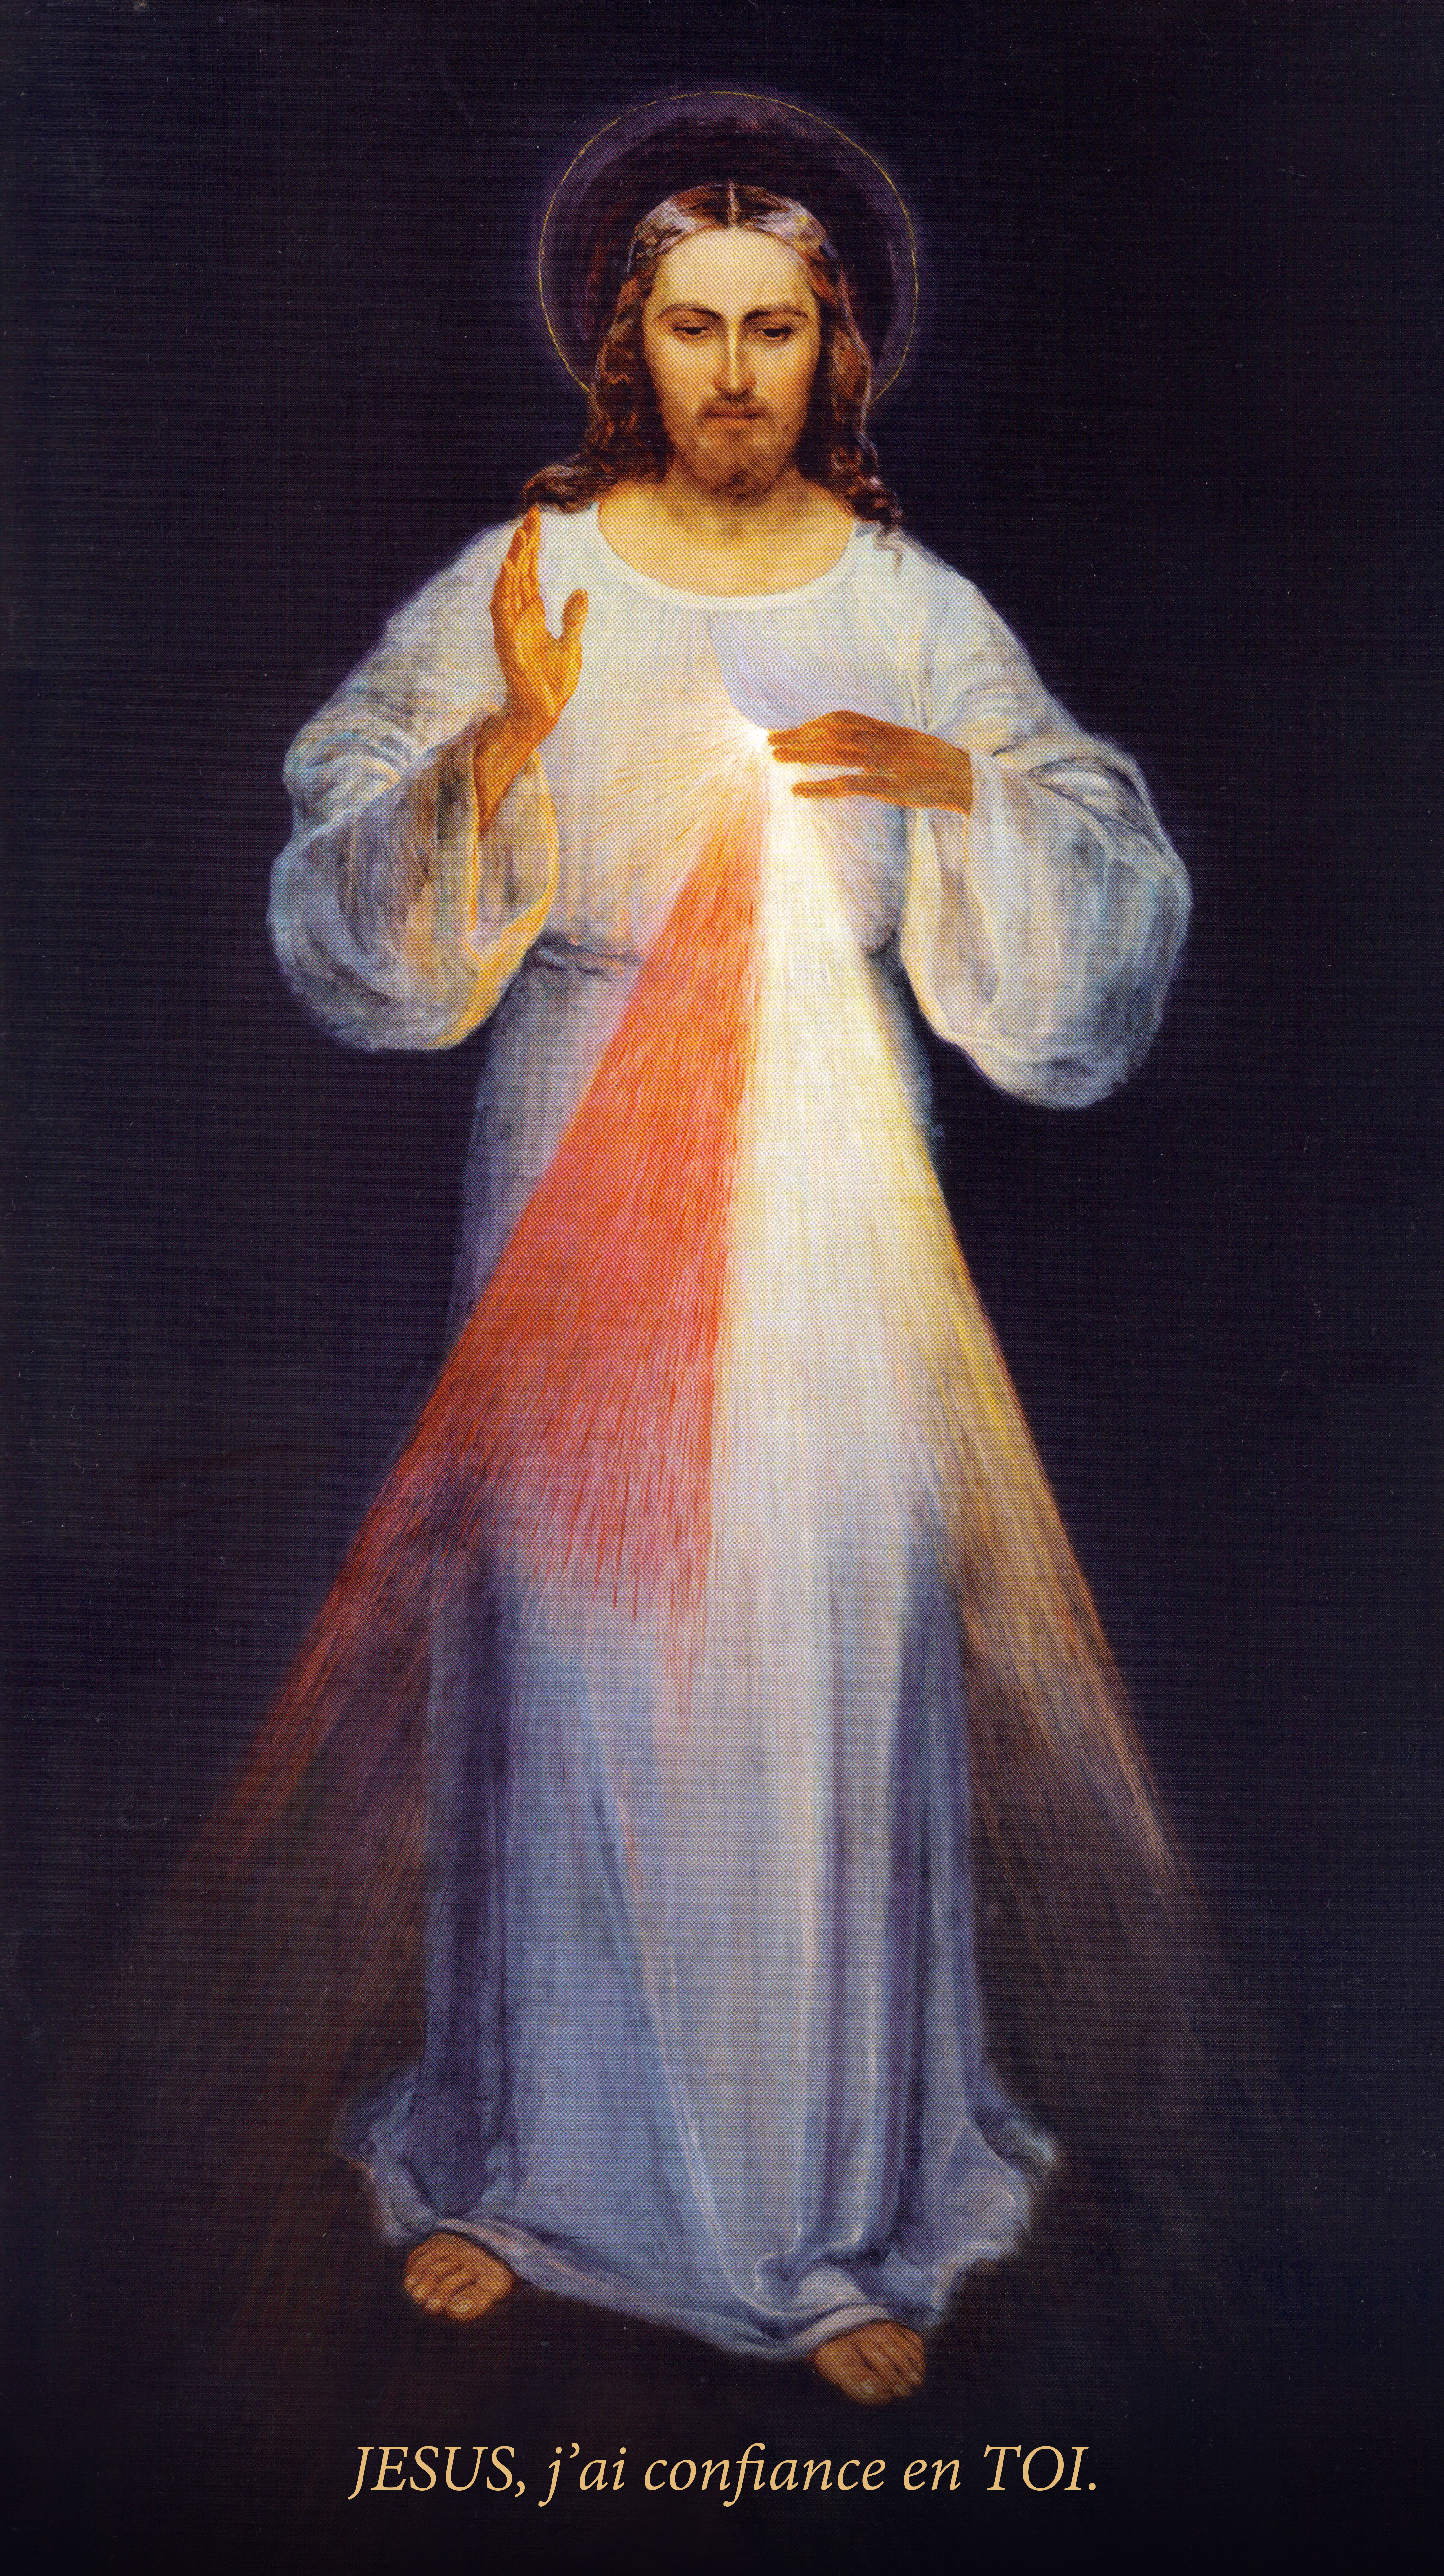 Prières pour le Salut de LA FRANCE Vrai_Tableau_Original_Divine_Mis%C3%A9ricorde_J%C3%A9sus_Confiance_Sainte_Faustine_Peintre_Eugeniusz_Kazimirowski_1934